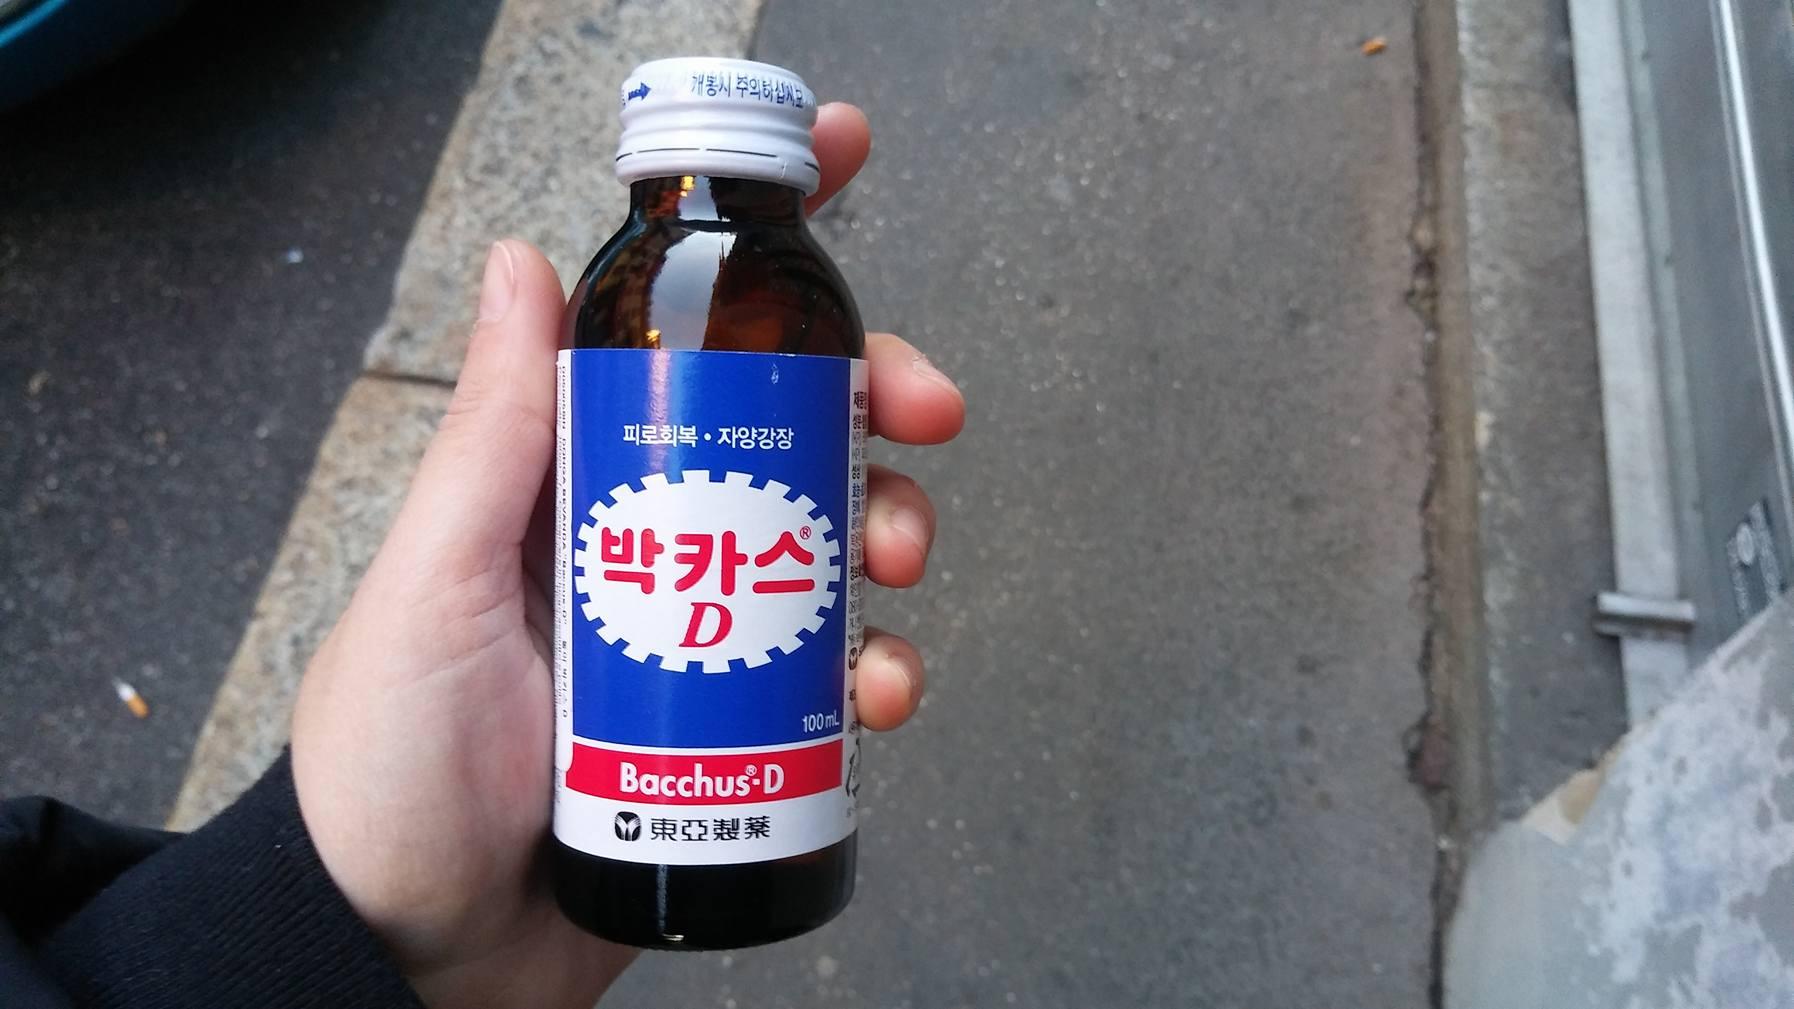 Bacchus-D, l'energy drink più popolare della Corea del Sud